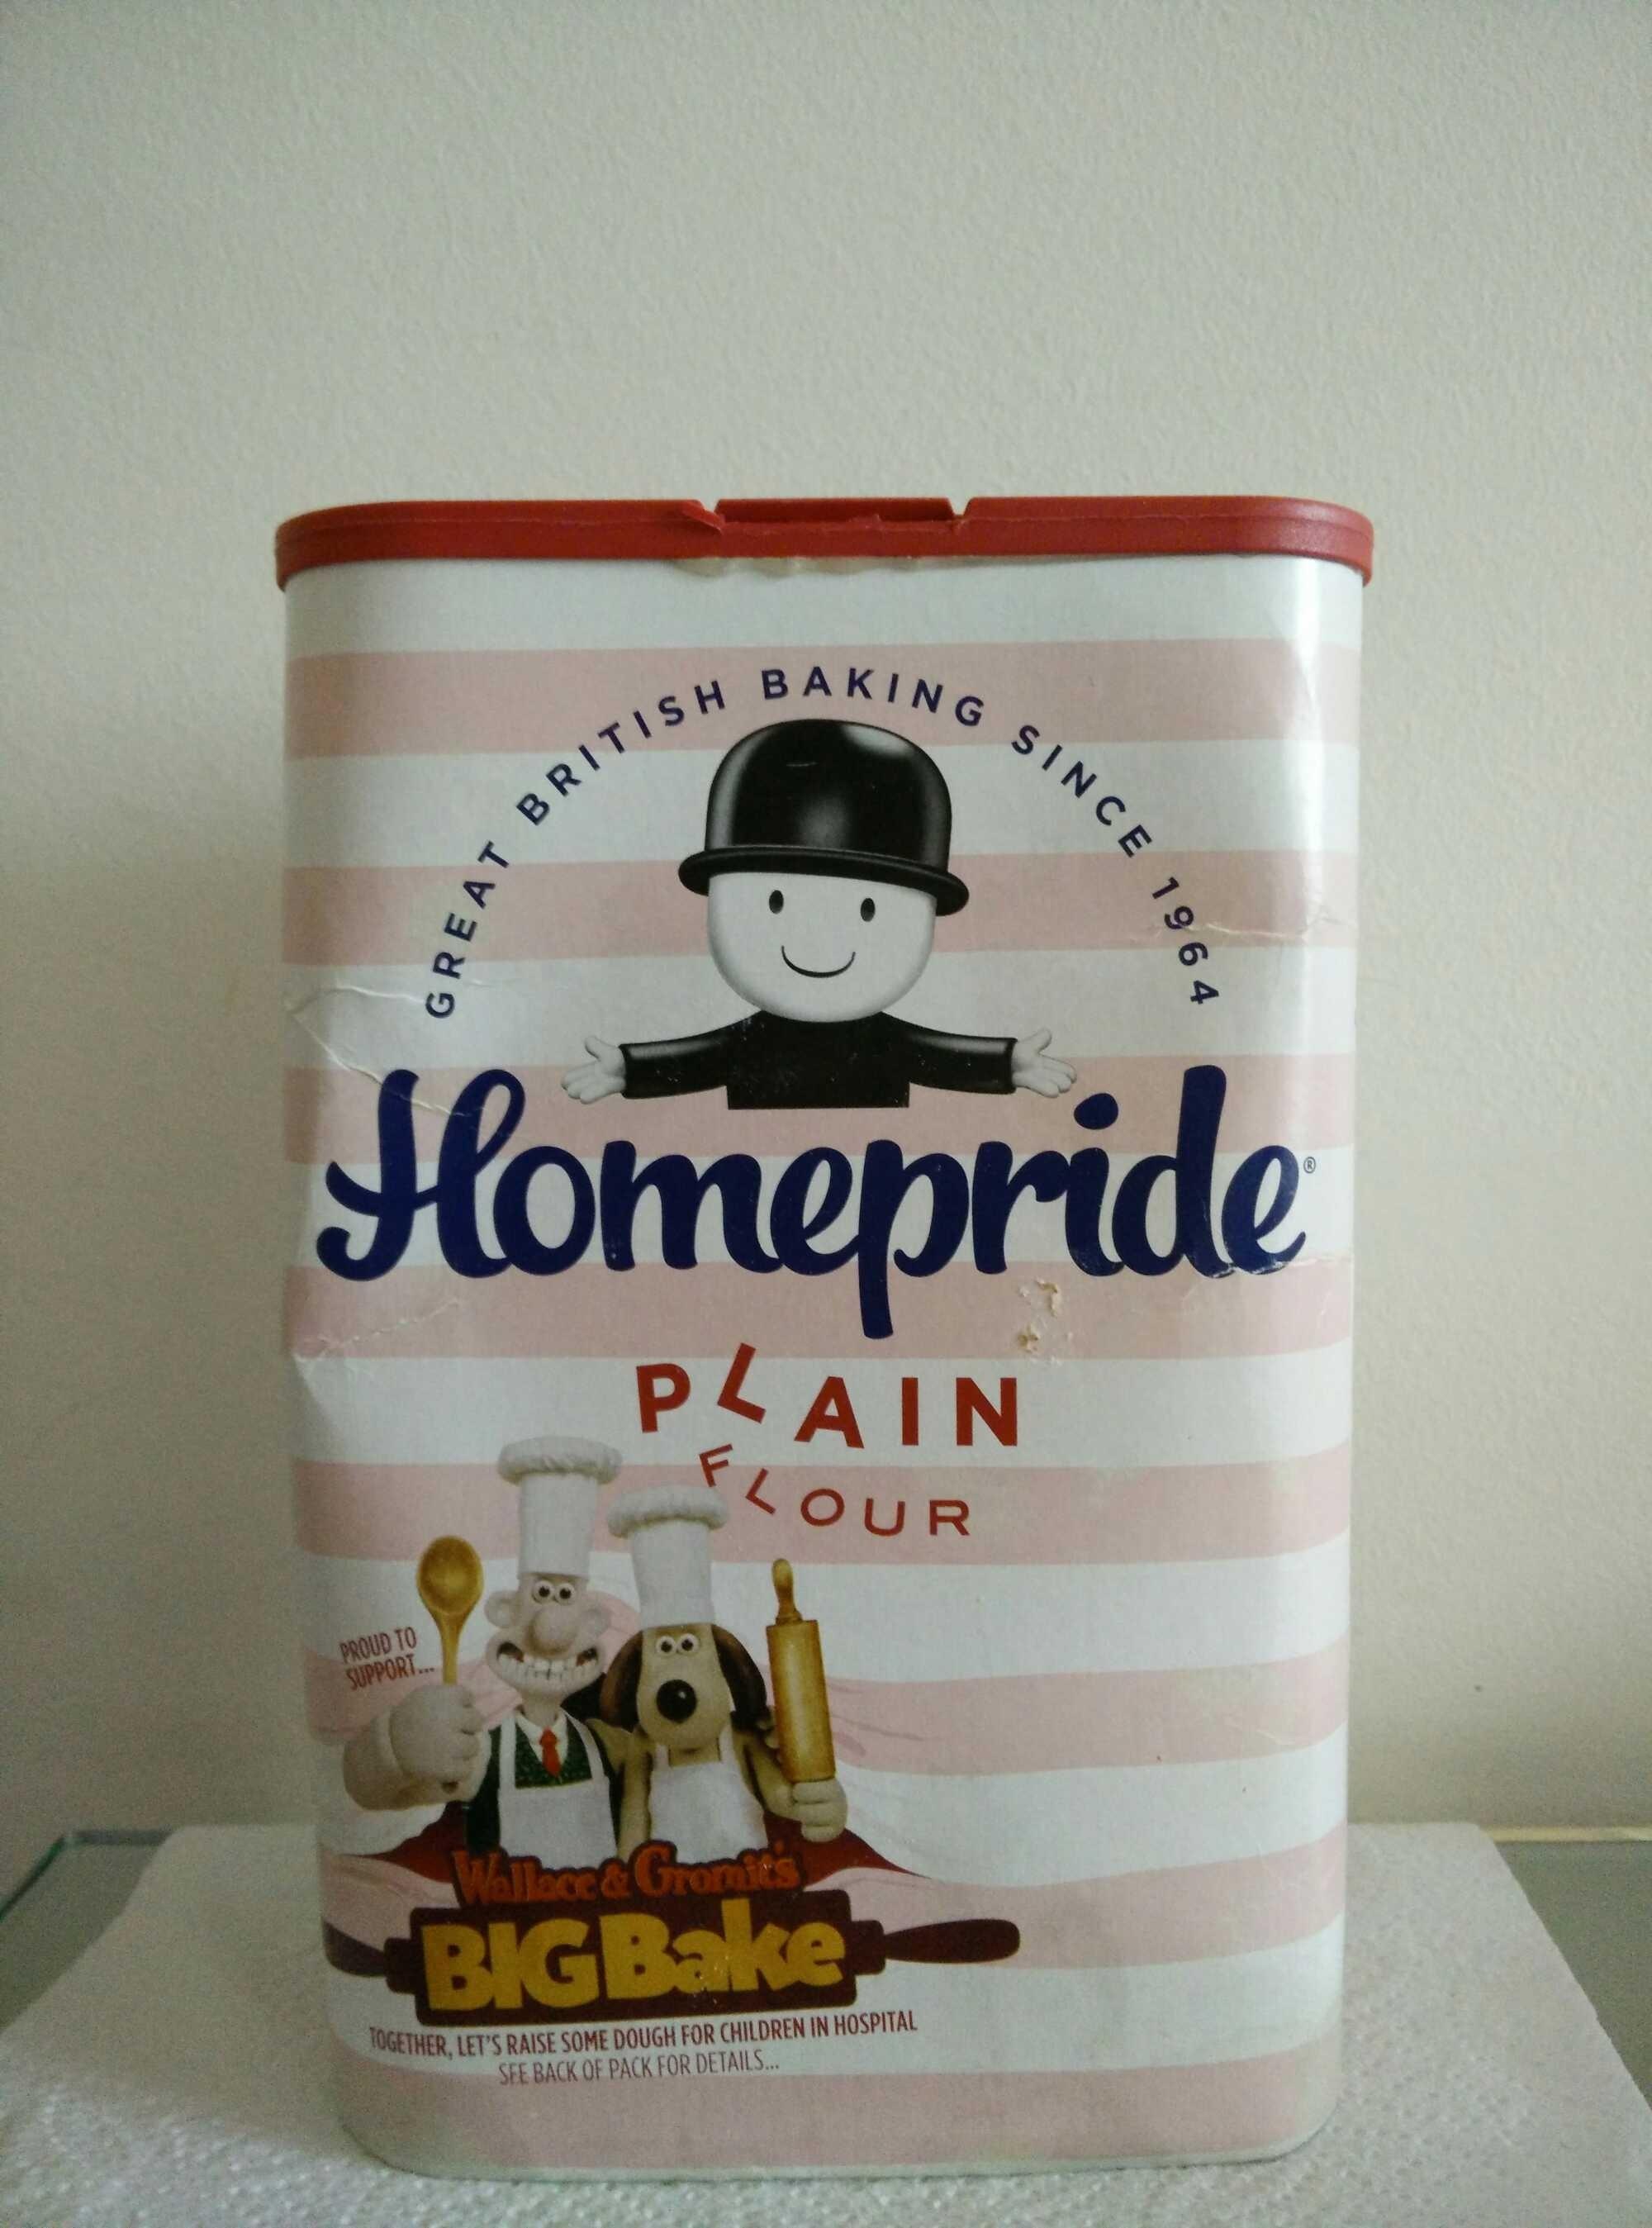 plain flour - Product - en